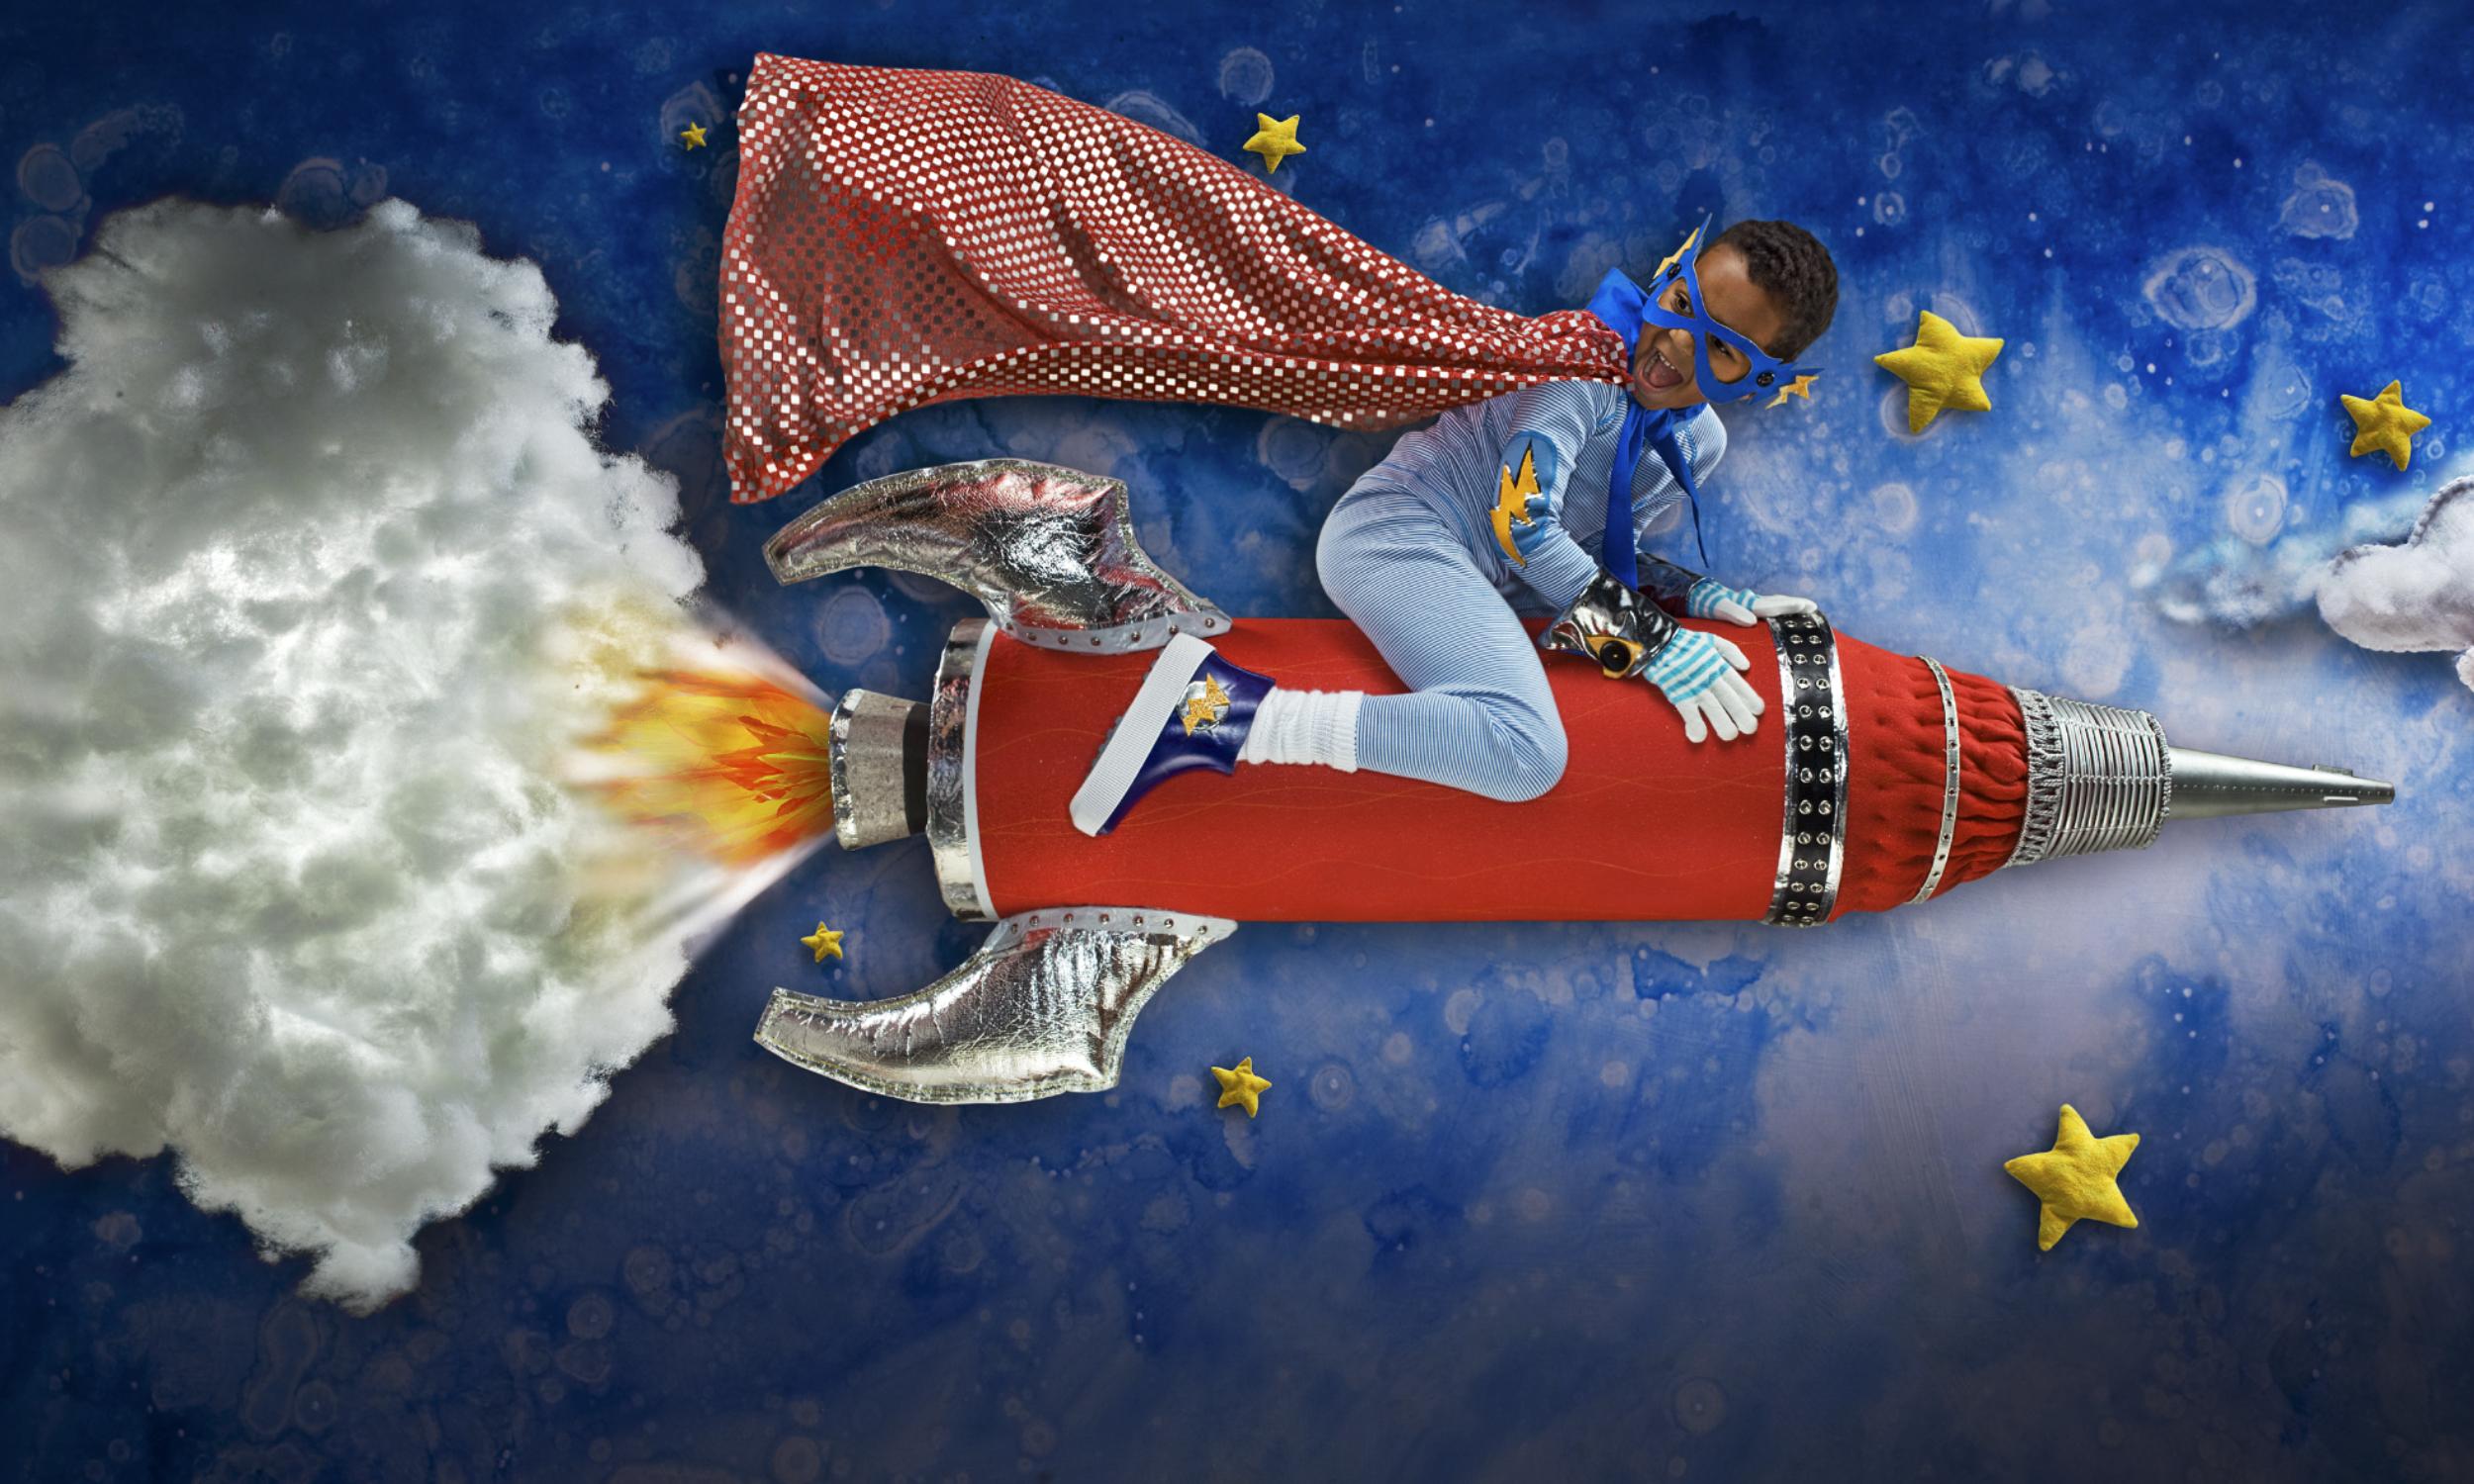 RocketBoy2-1319cs2500pxW72.jpg